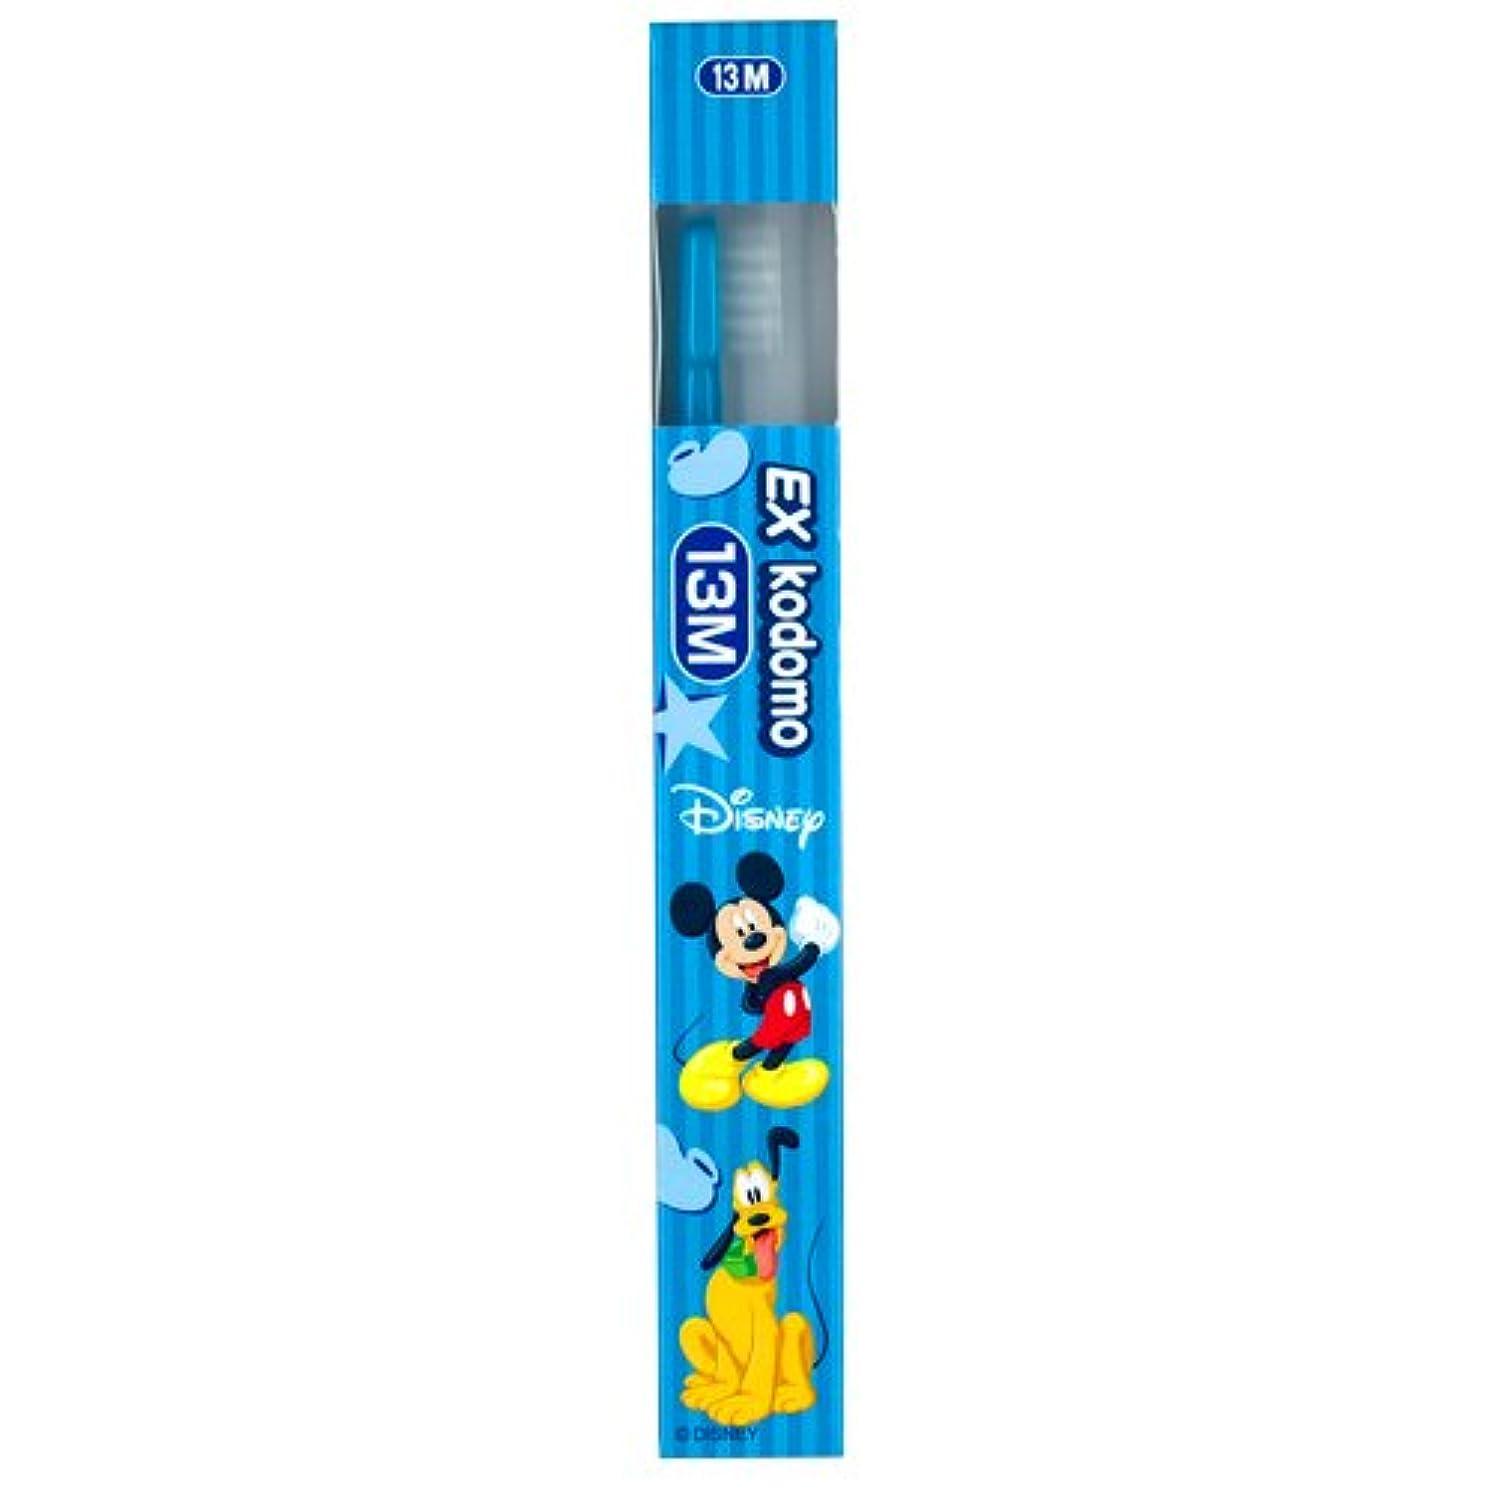 頑張るこどもの宮殿腹痛ライオン EX kodomo ディズニー 歯ブラシ 1本 13M ブルー